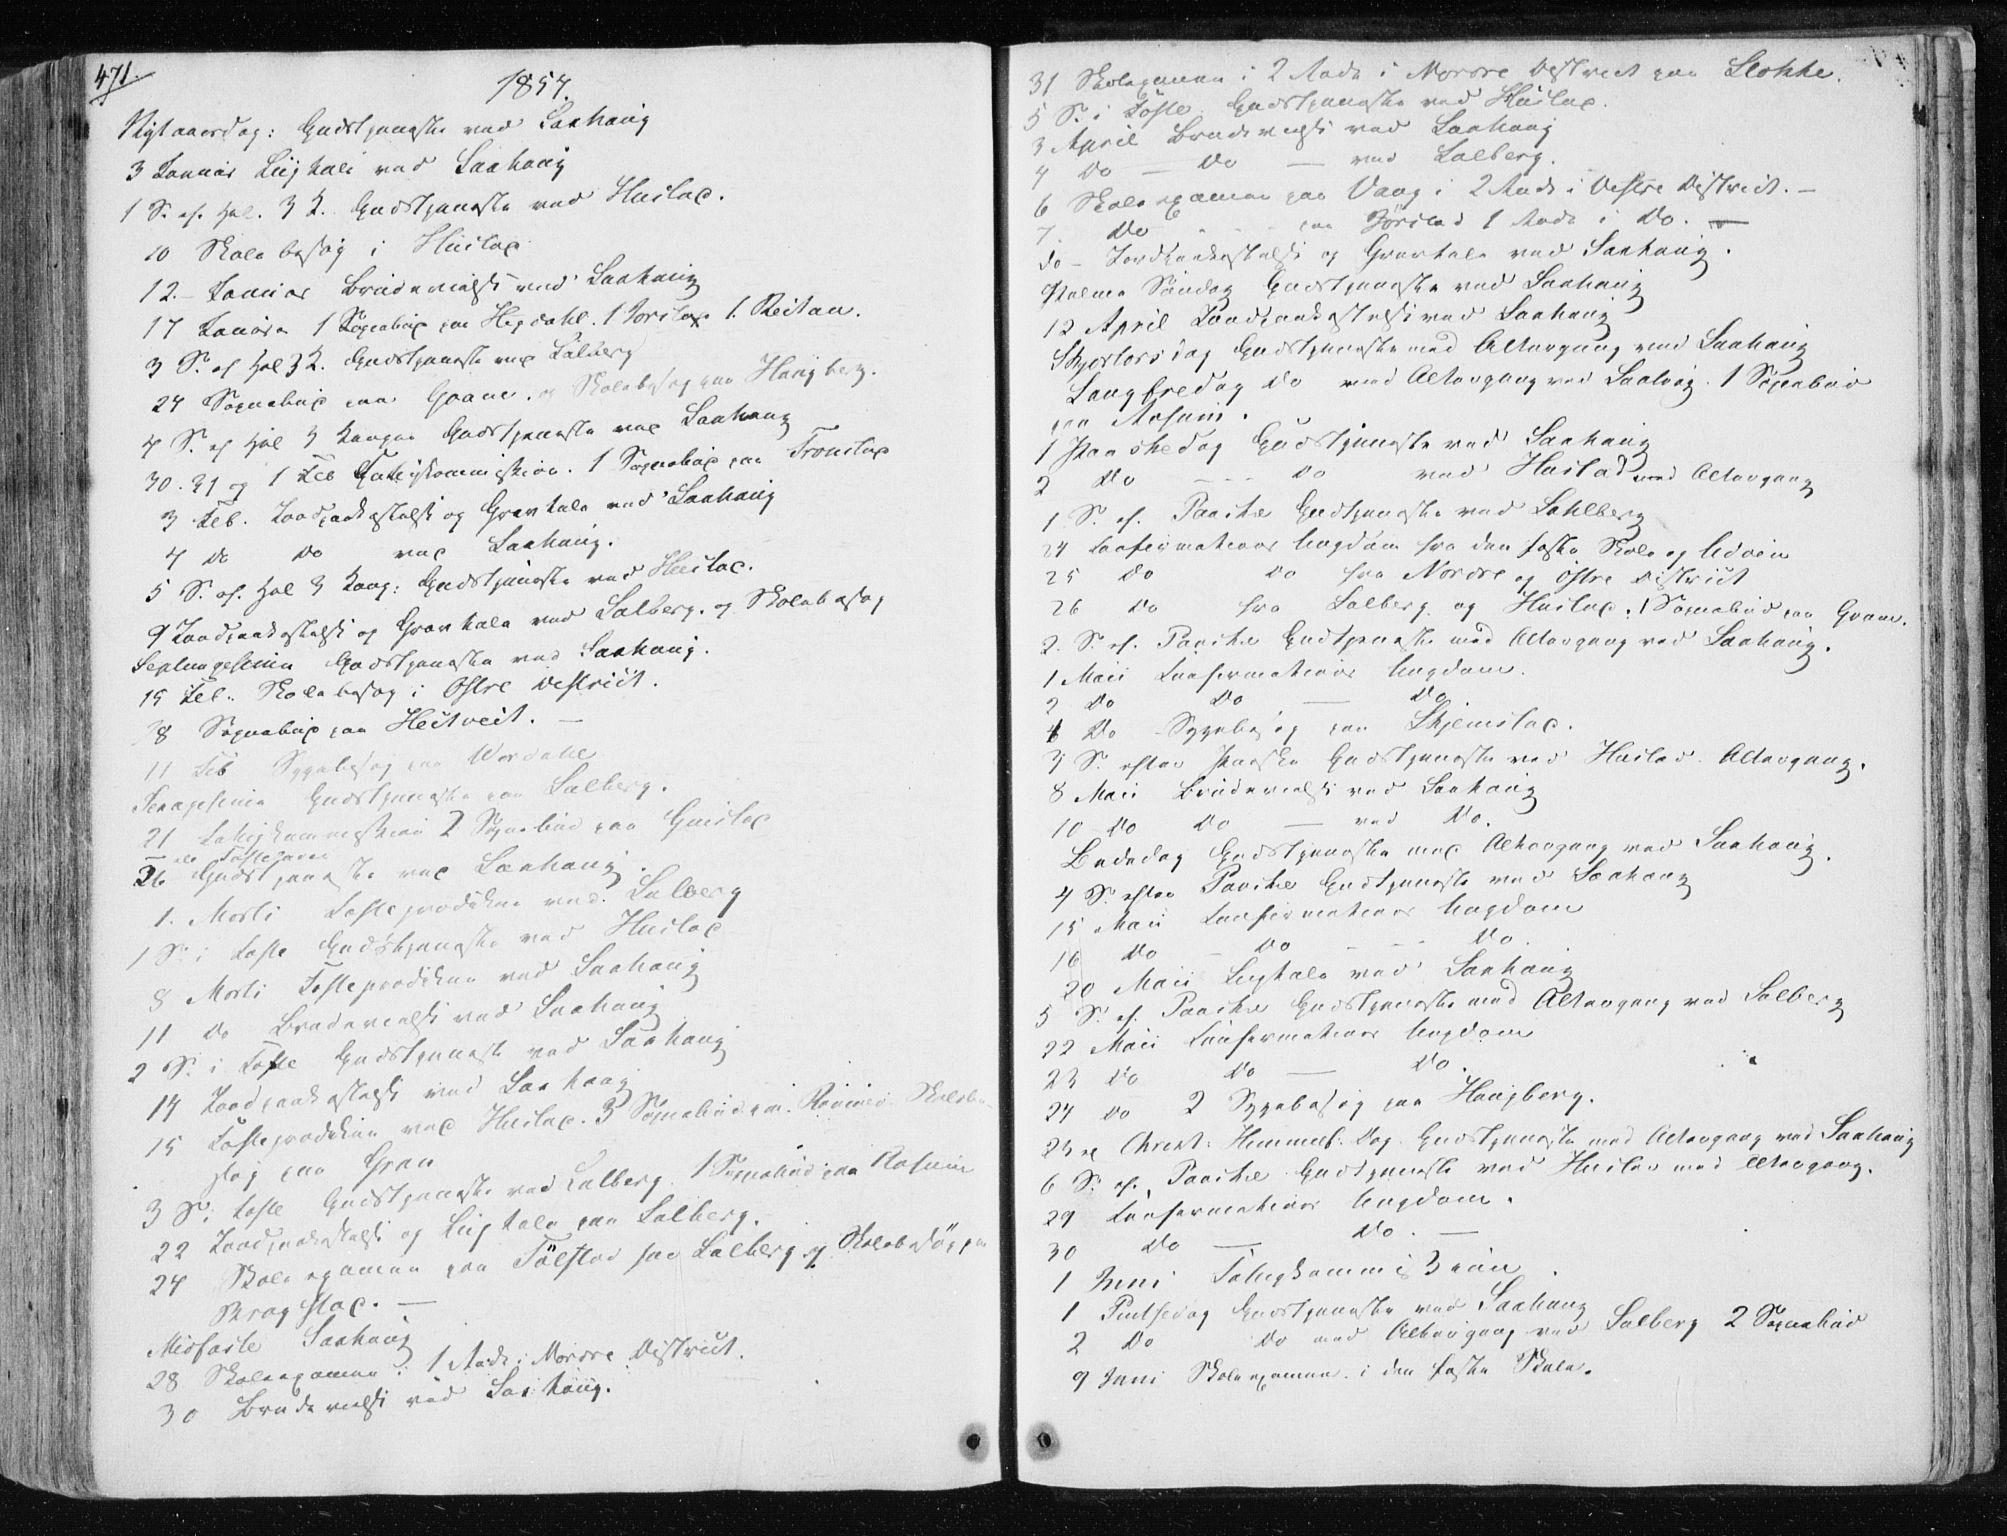 SAT, Ministerialprotokoller, klokkerbøker og fødselsregistre - Nord-Trøndelag, 730/L0280: Ministerialbok nr. 730A07 /1, 1840-1854, s. 471